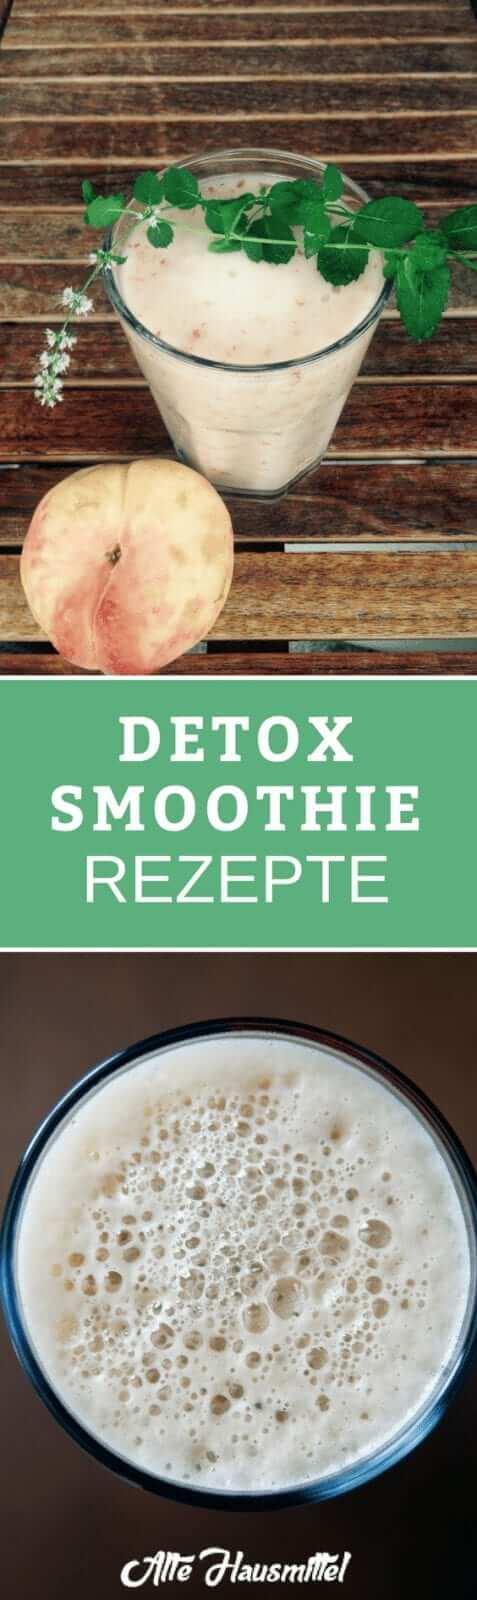 Detox Smoothie Rezepte